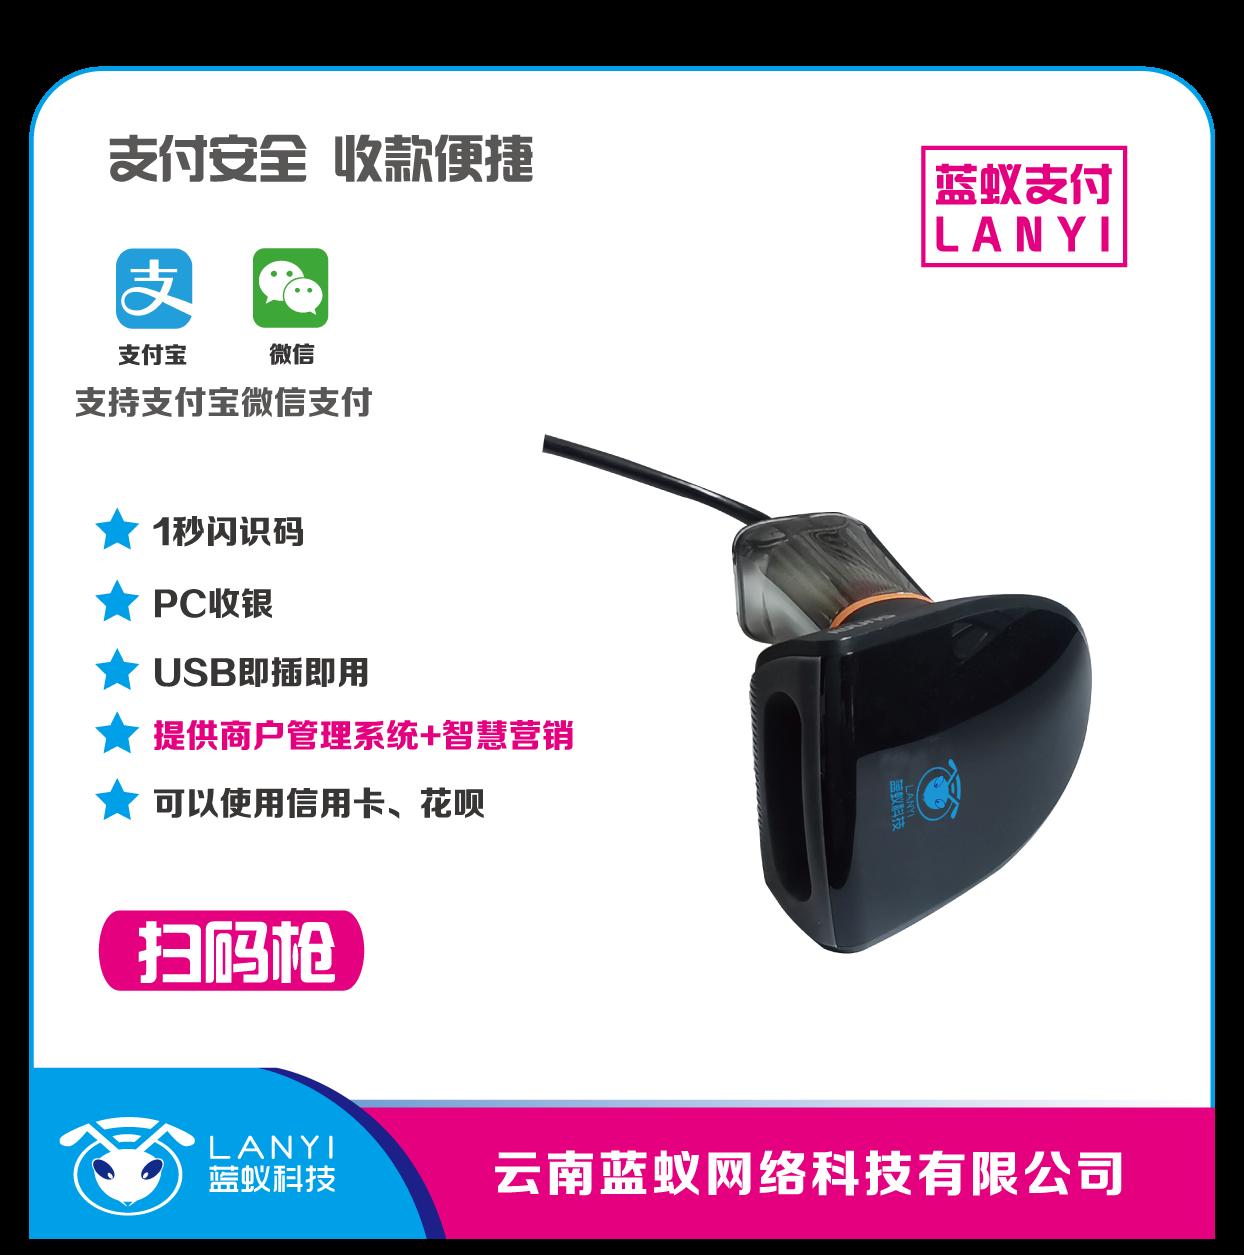 曲靖智能掃碼支付平臺「云南藍蟻網絡科技供應」